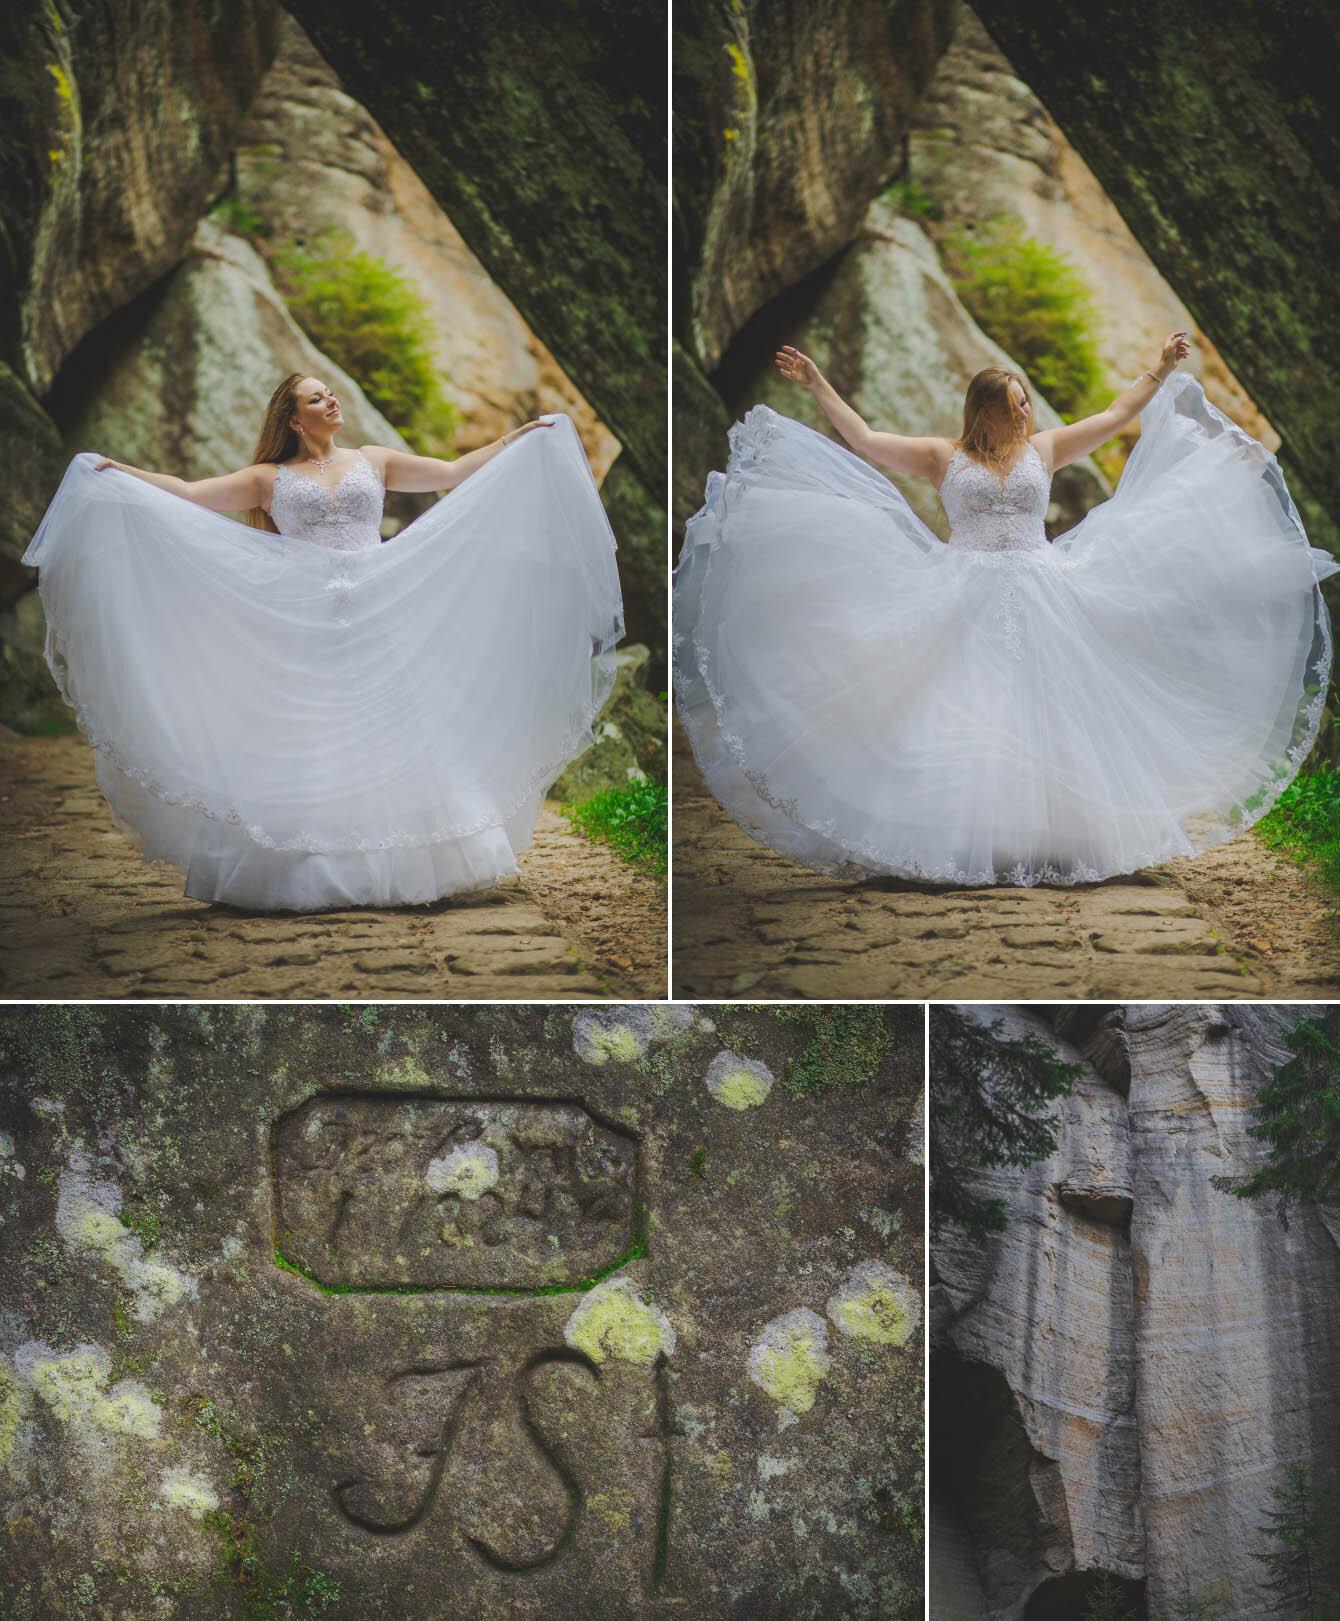 plener ślubny w skalnym miescie w czechach fotografie Bartek Wyrobek  6.jpg